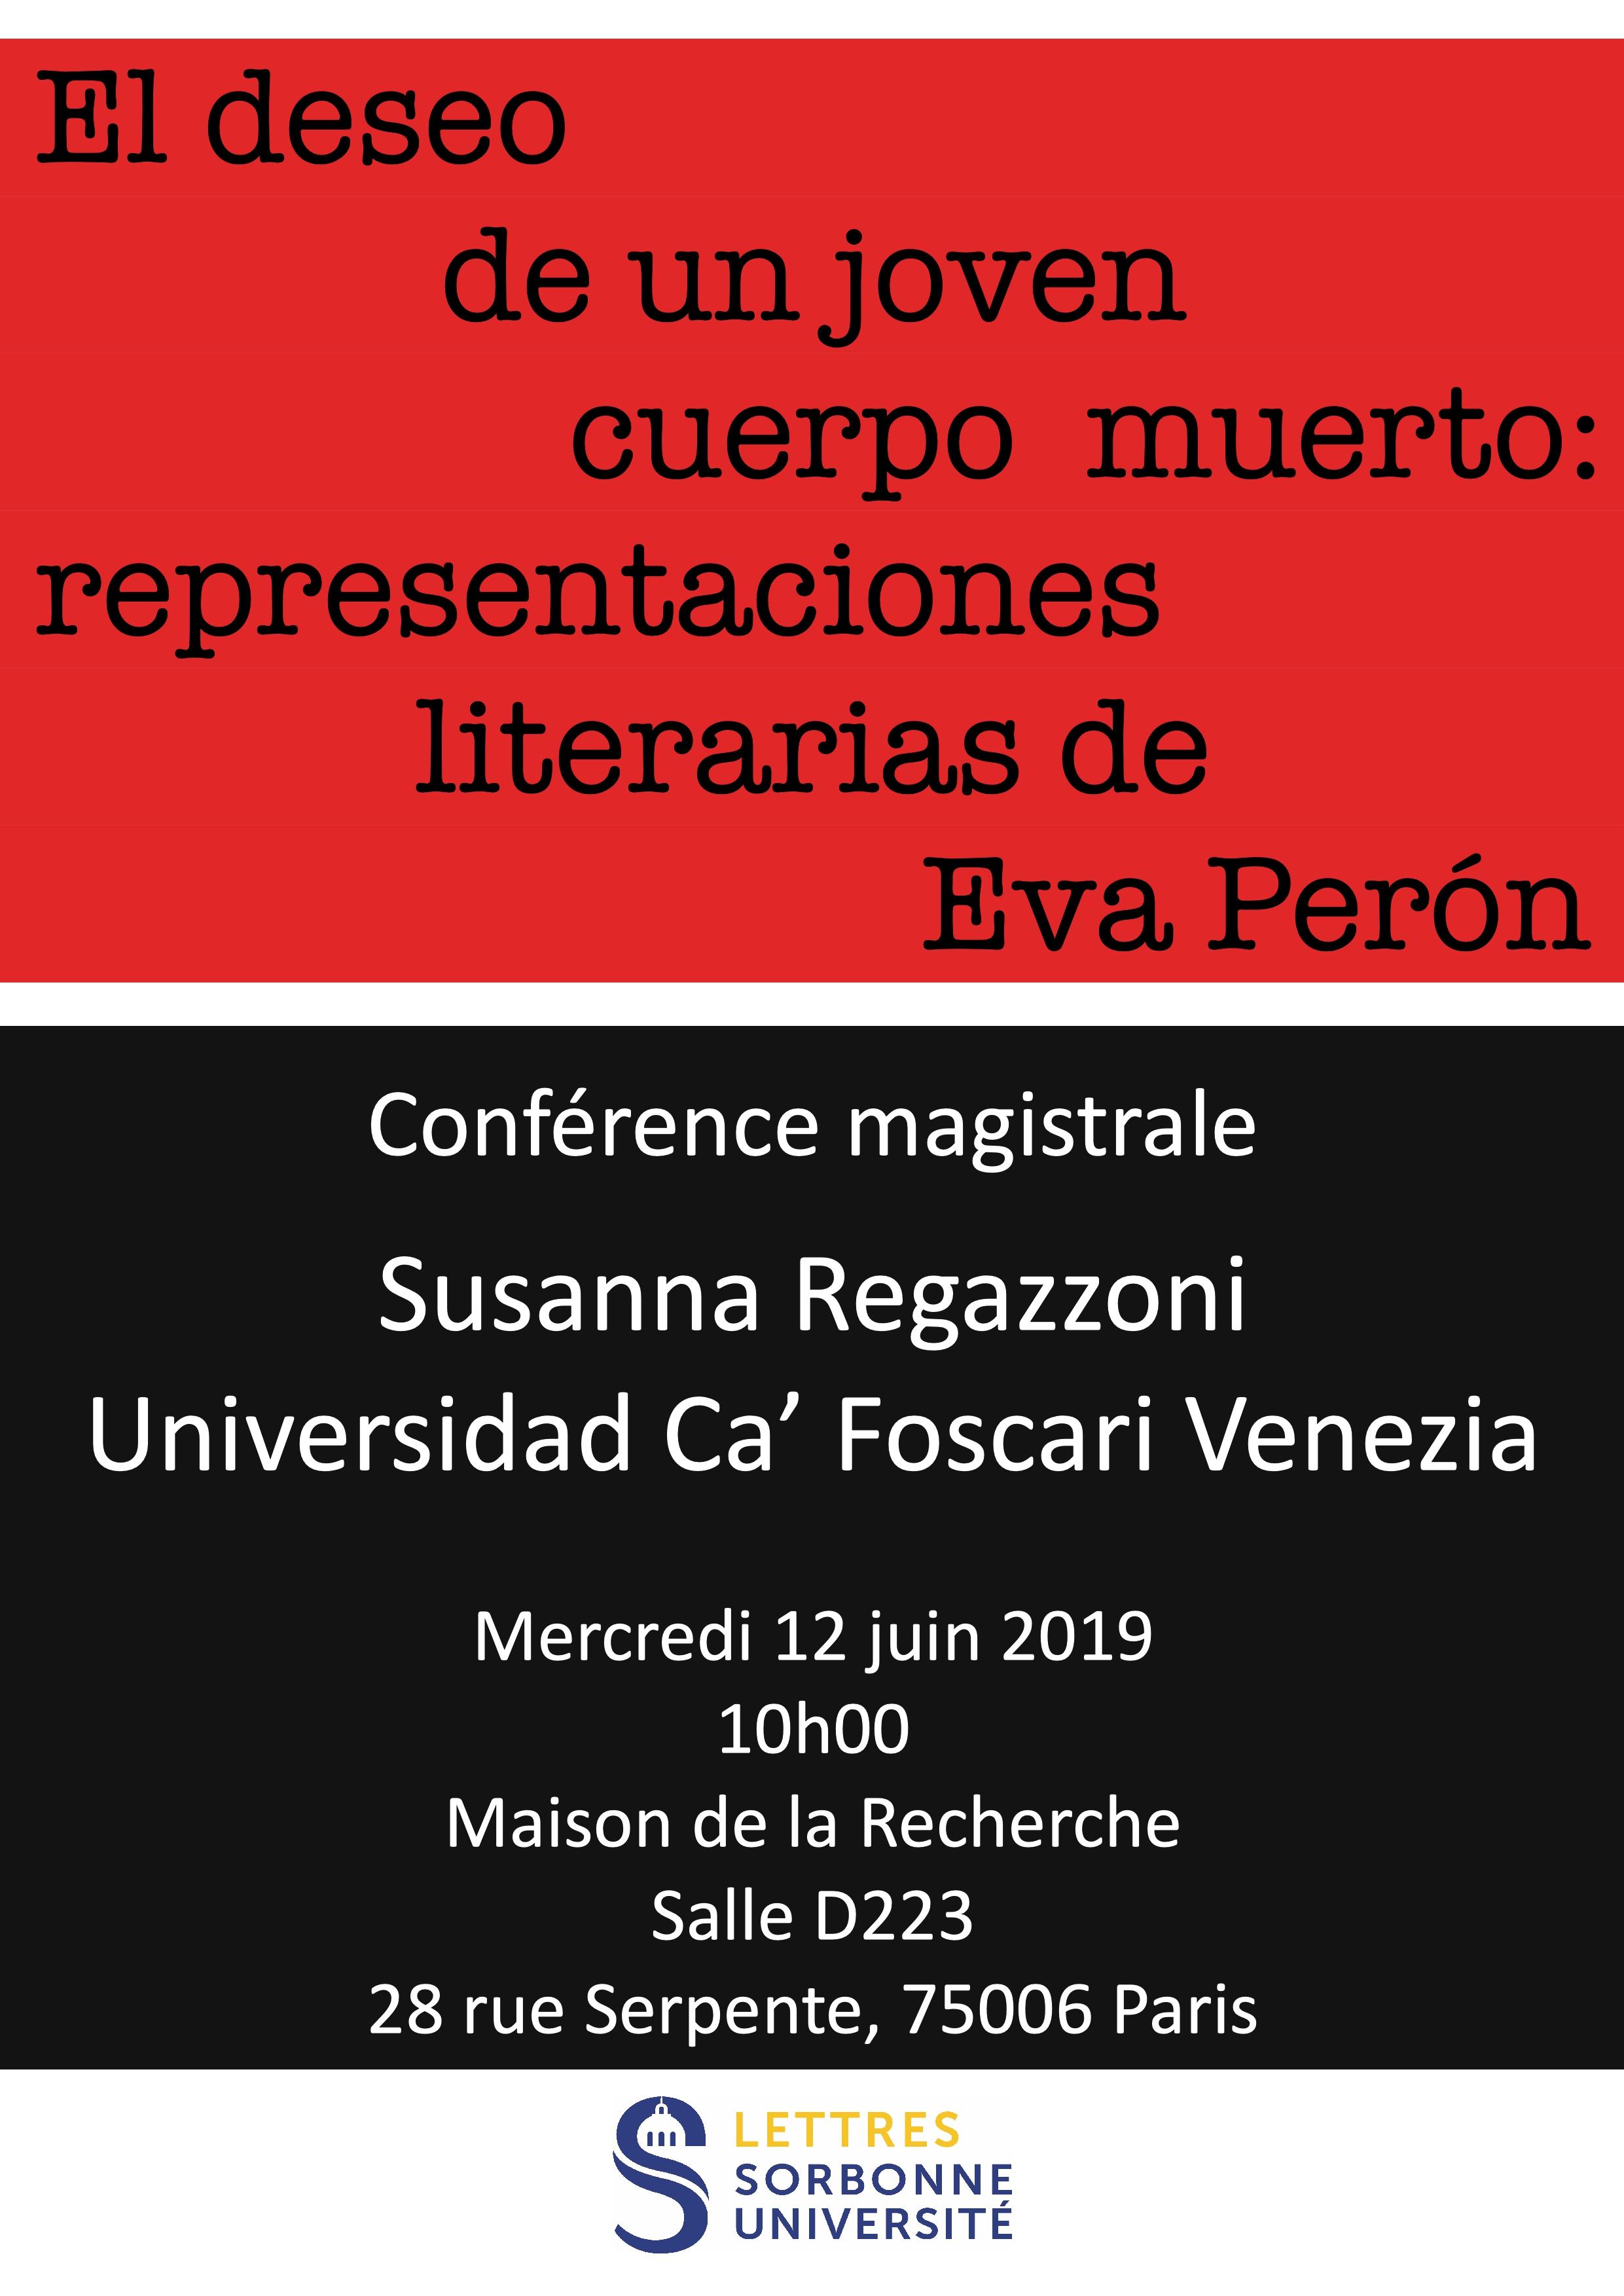 El deseo de un joven cuerpo muerto: representaciones literarias de Eva Perón